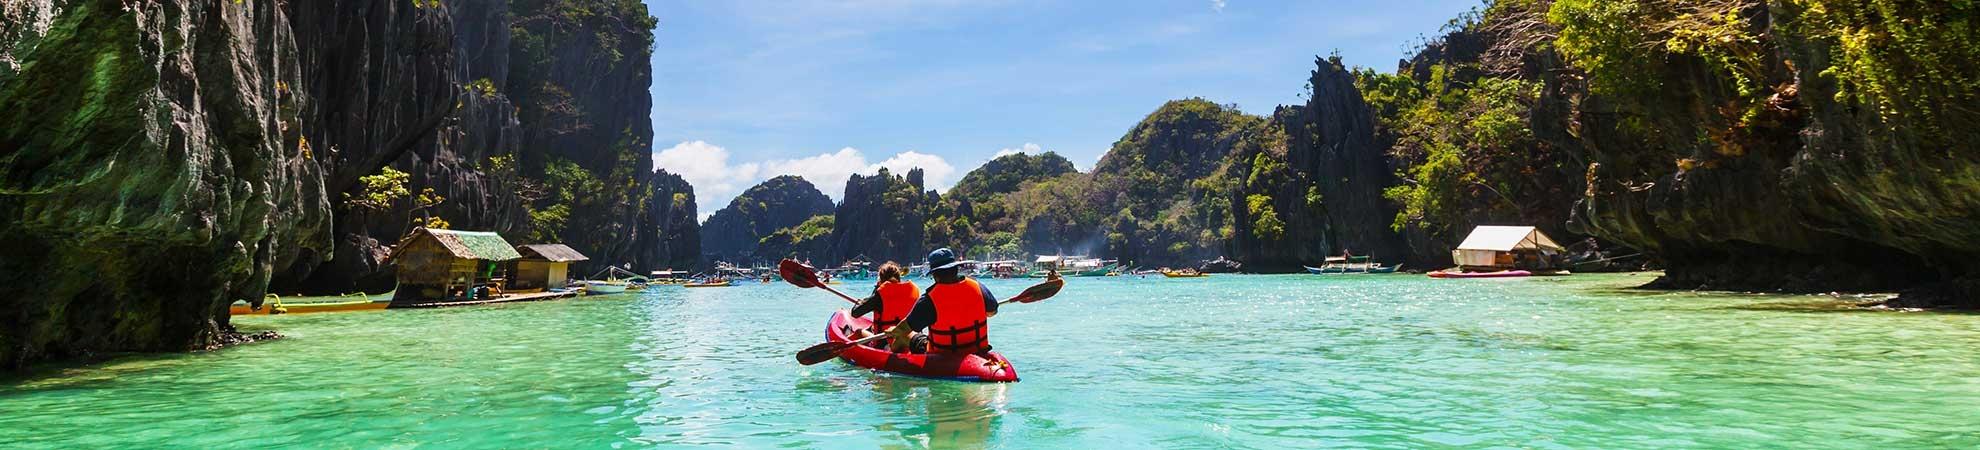 Activités Sport et loisirs aux philippines